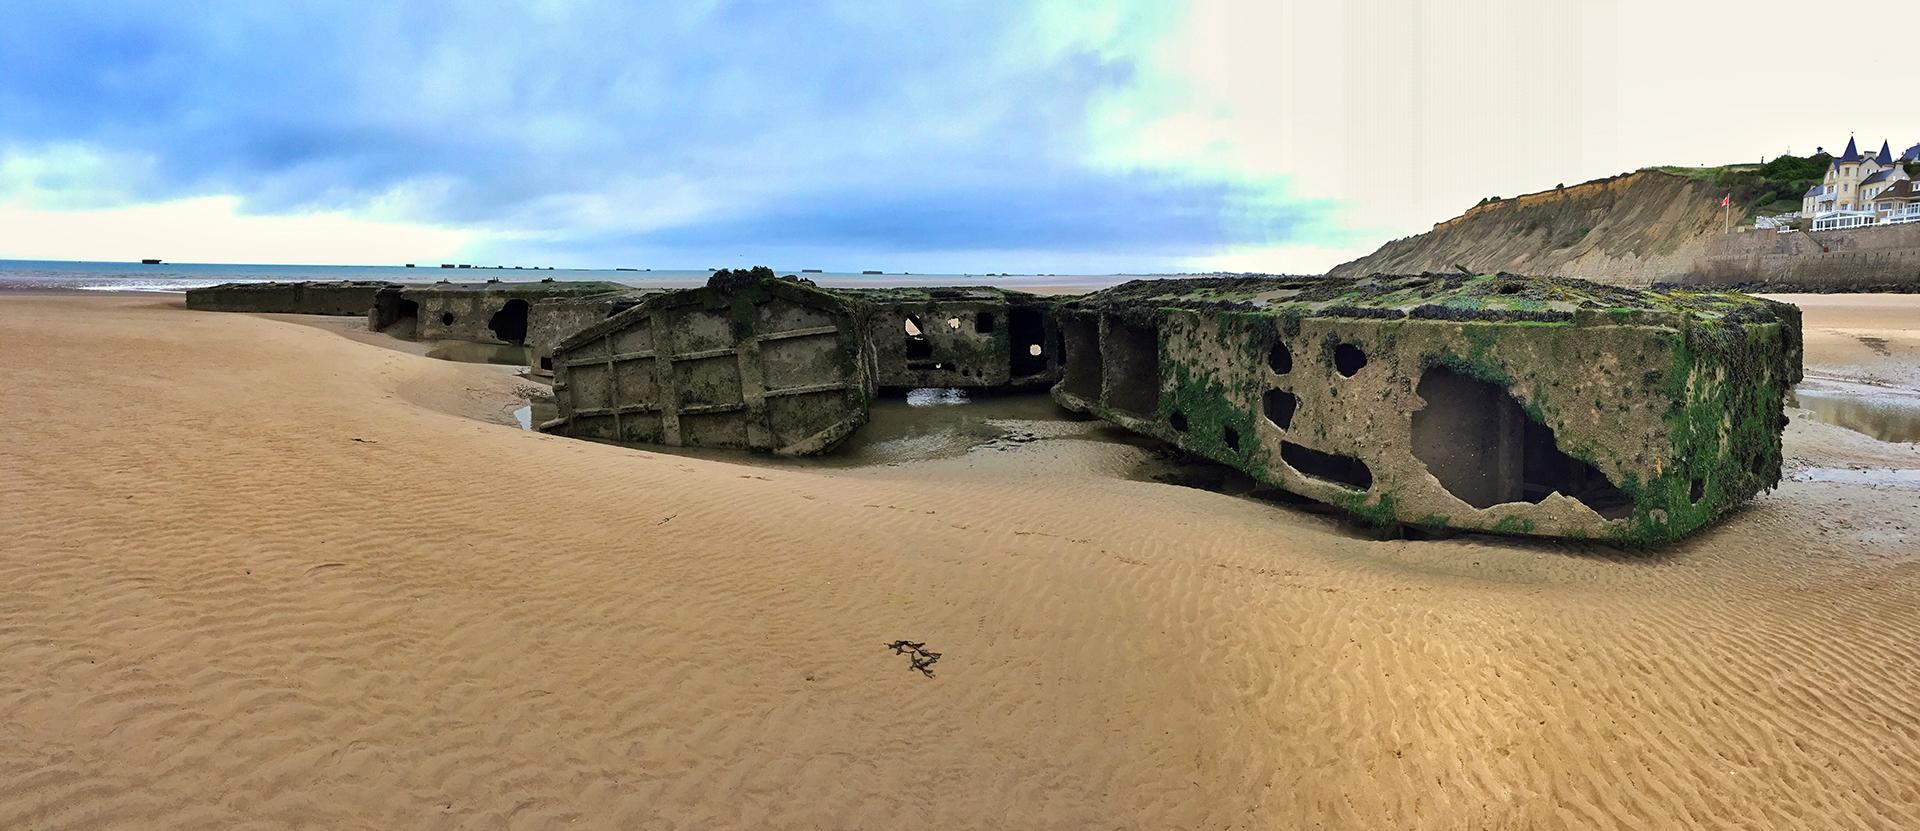 Playas del Desembarco de Normandía, Francia desembarco de normandía - 25008964317 3ba486978e o - Viaje a las Playas del Desembarco de Normandía